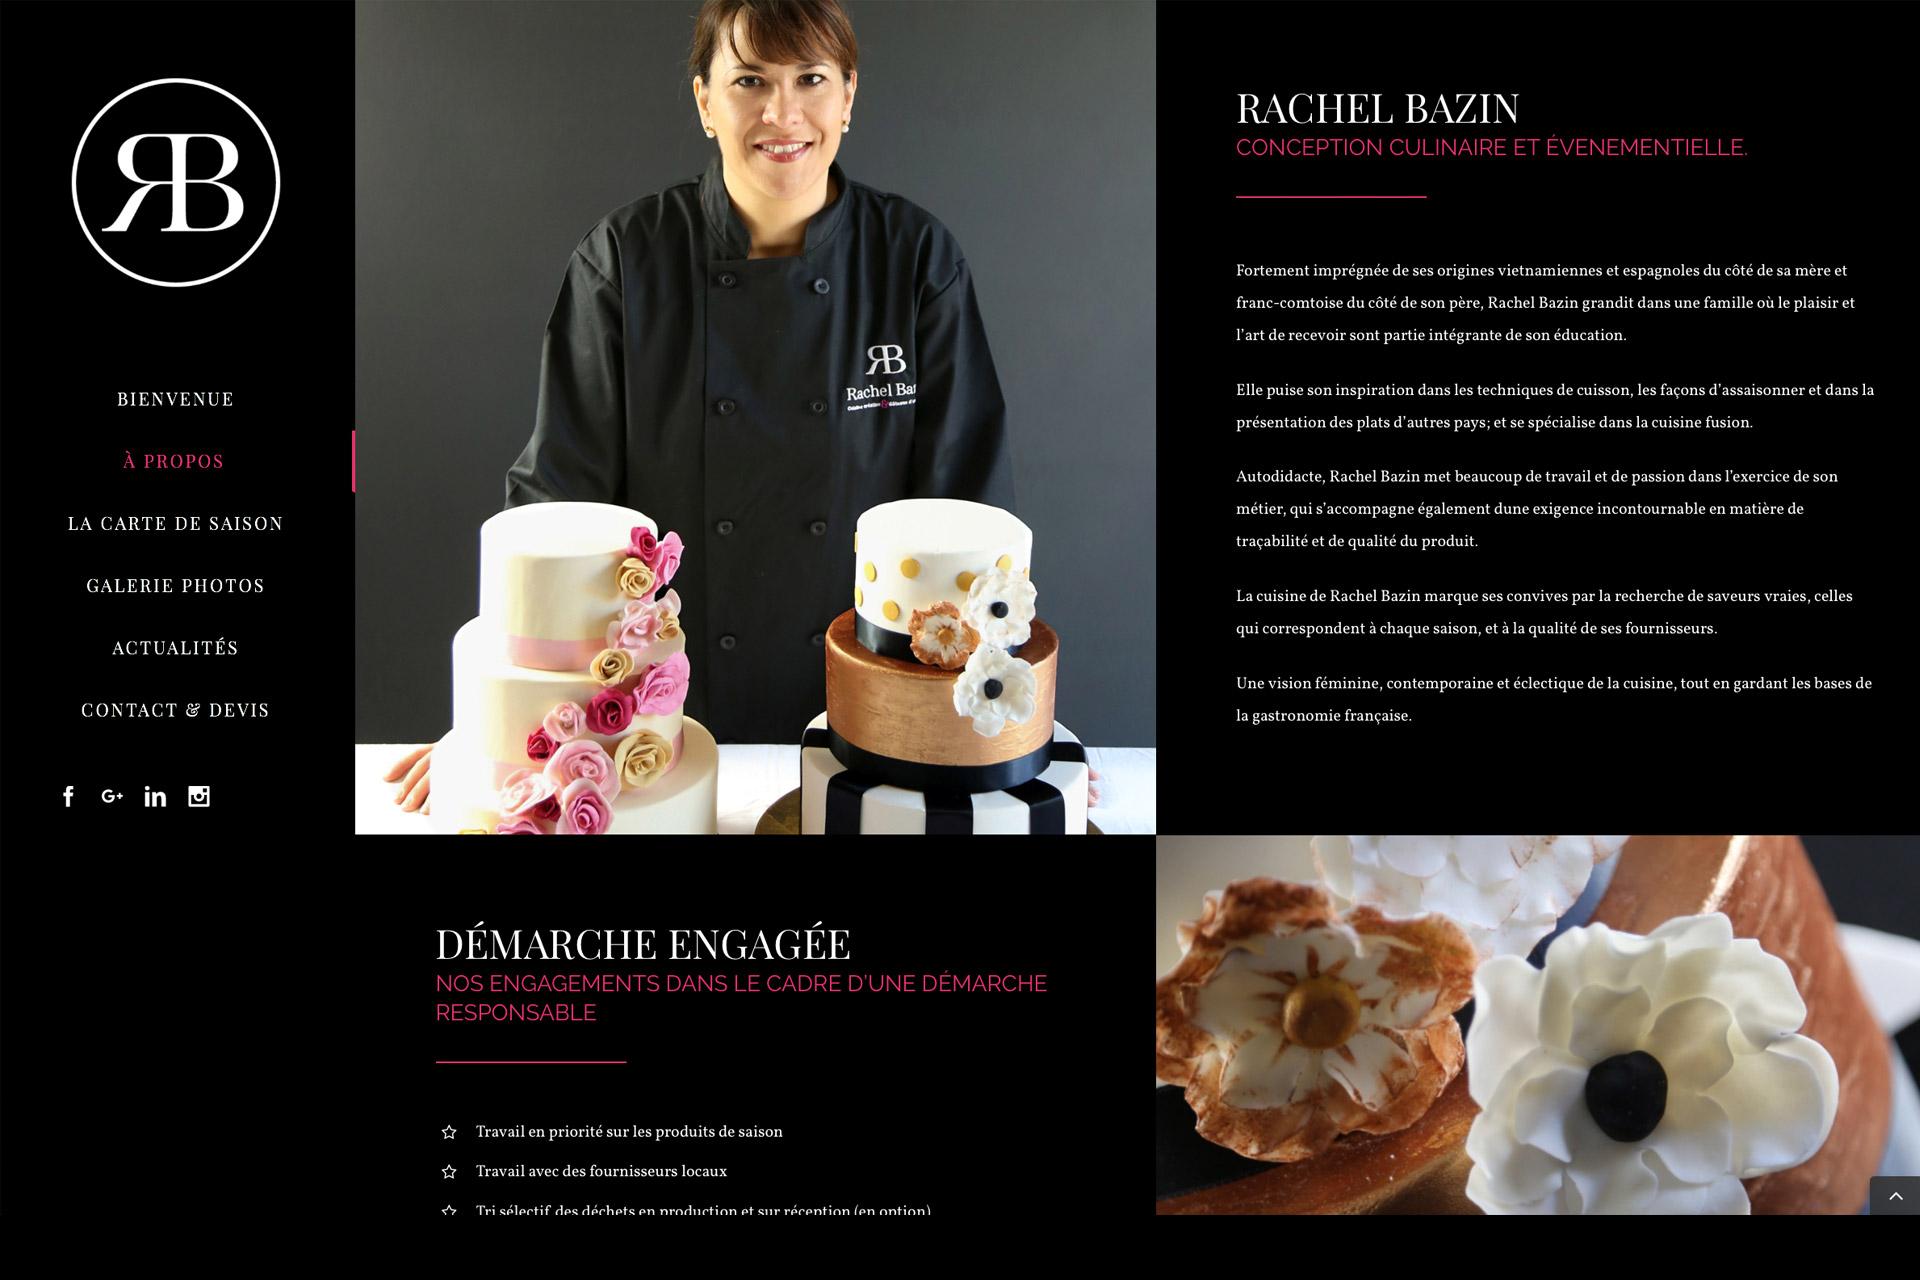 Site web portrait Rachel Bazin